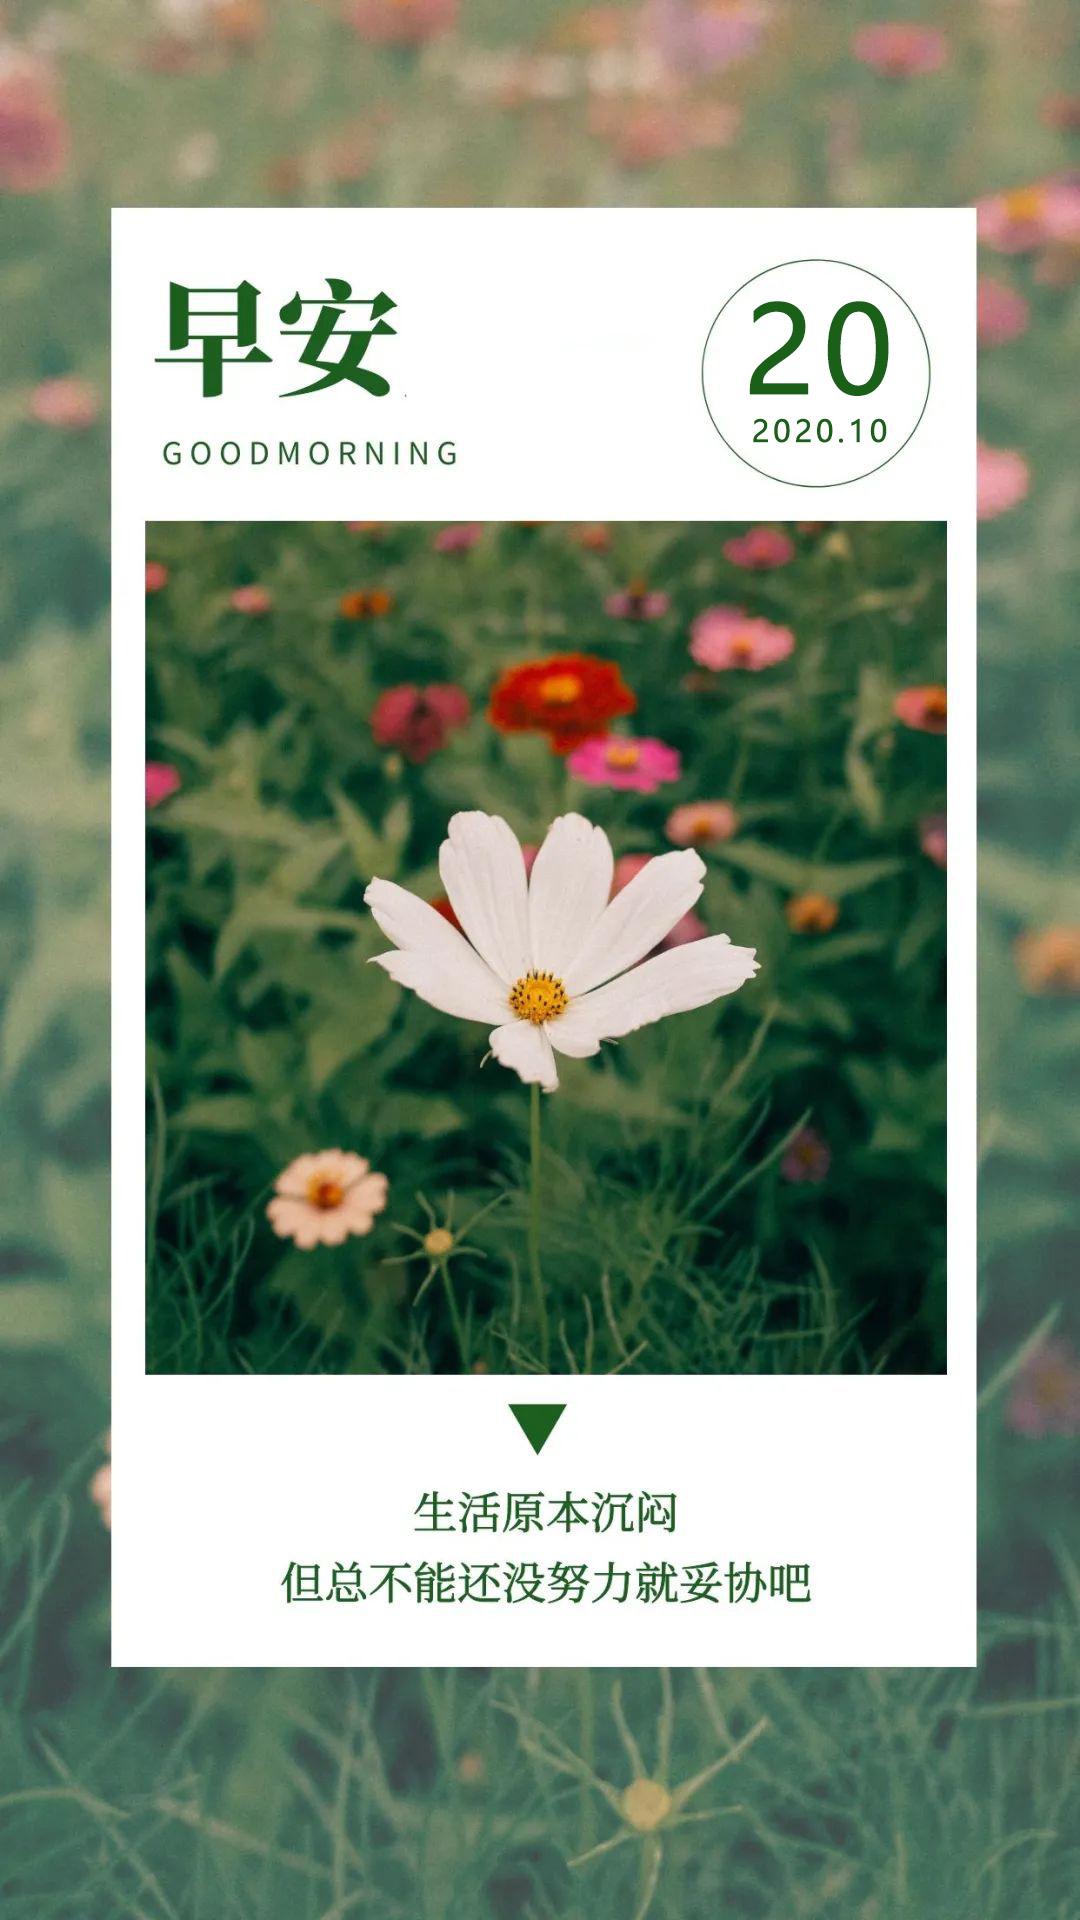 早上好图片日签正能量励志带文字,精辟激励早安语录